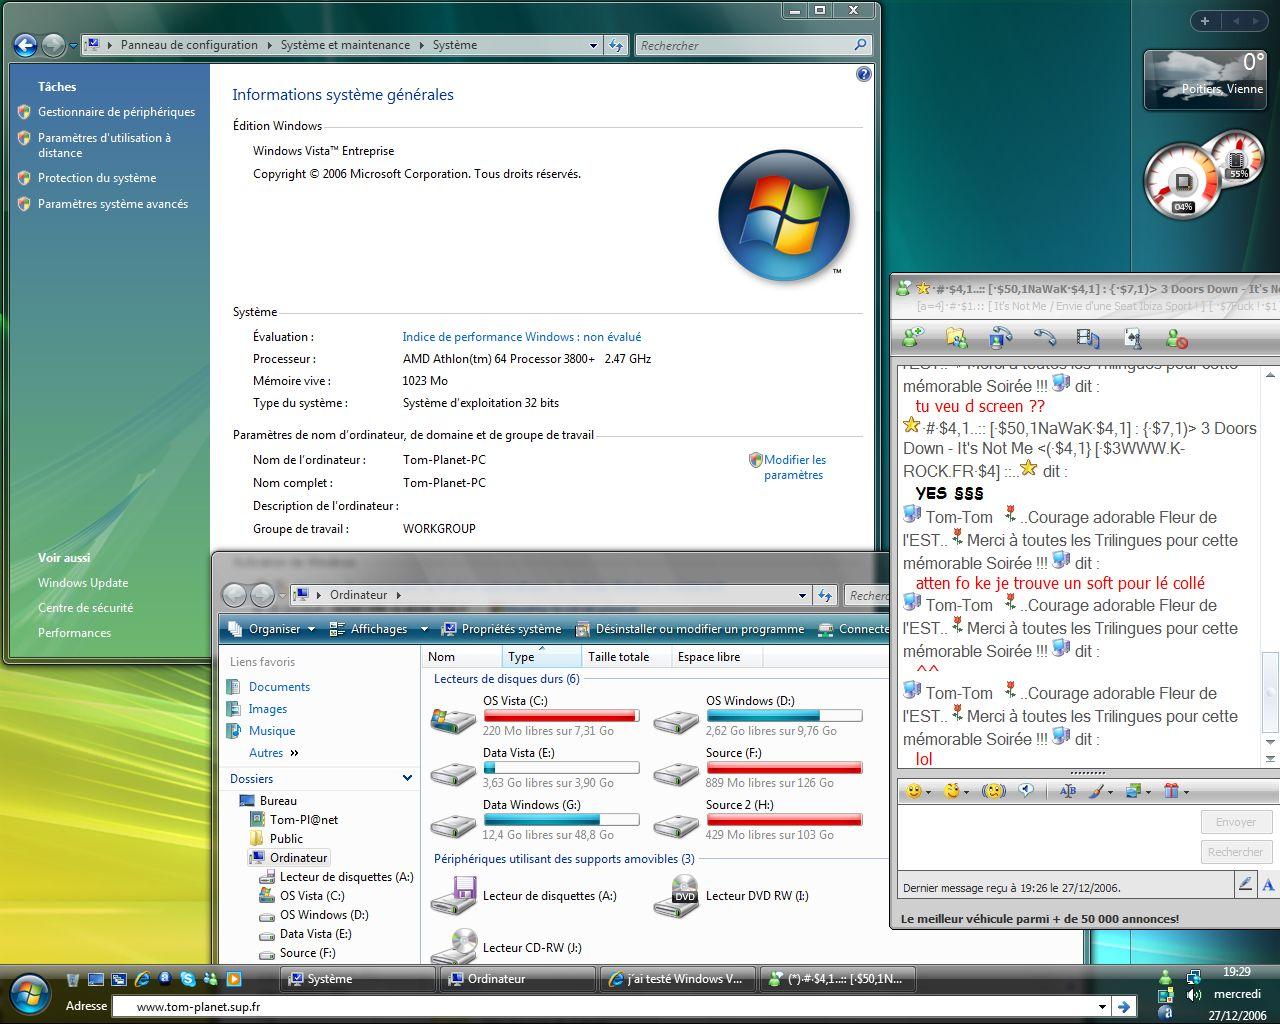 Windows VISTA : Distribution Officiel Vistap10